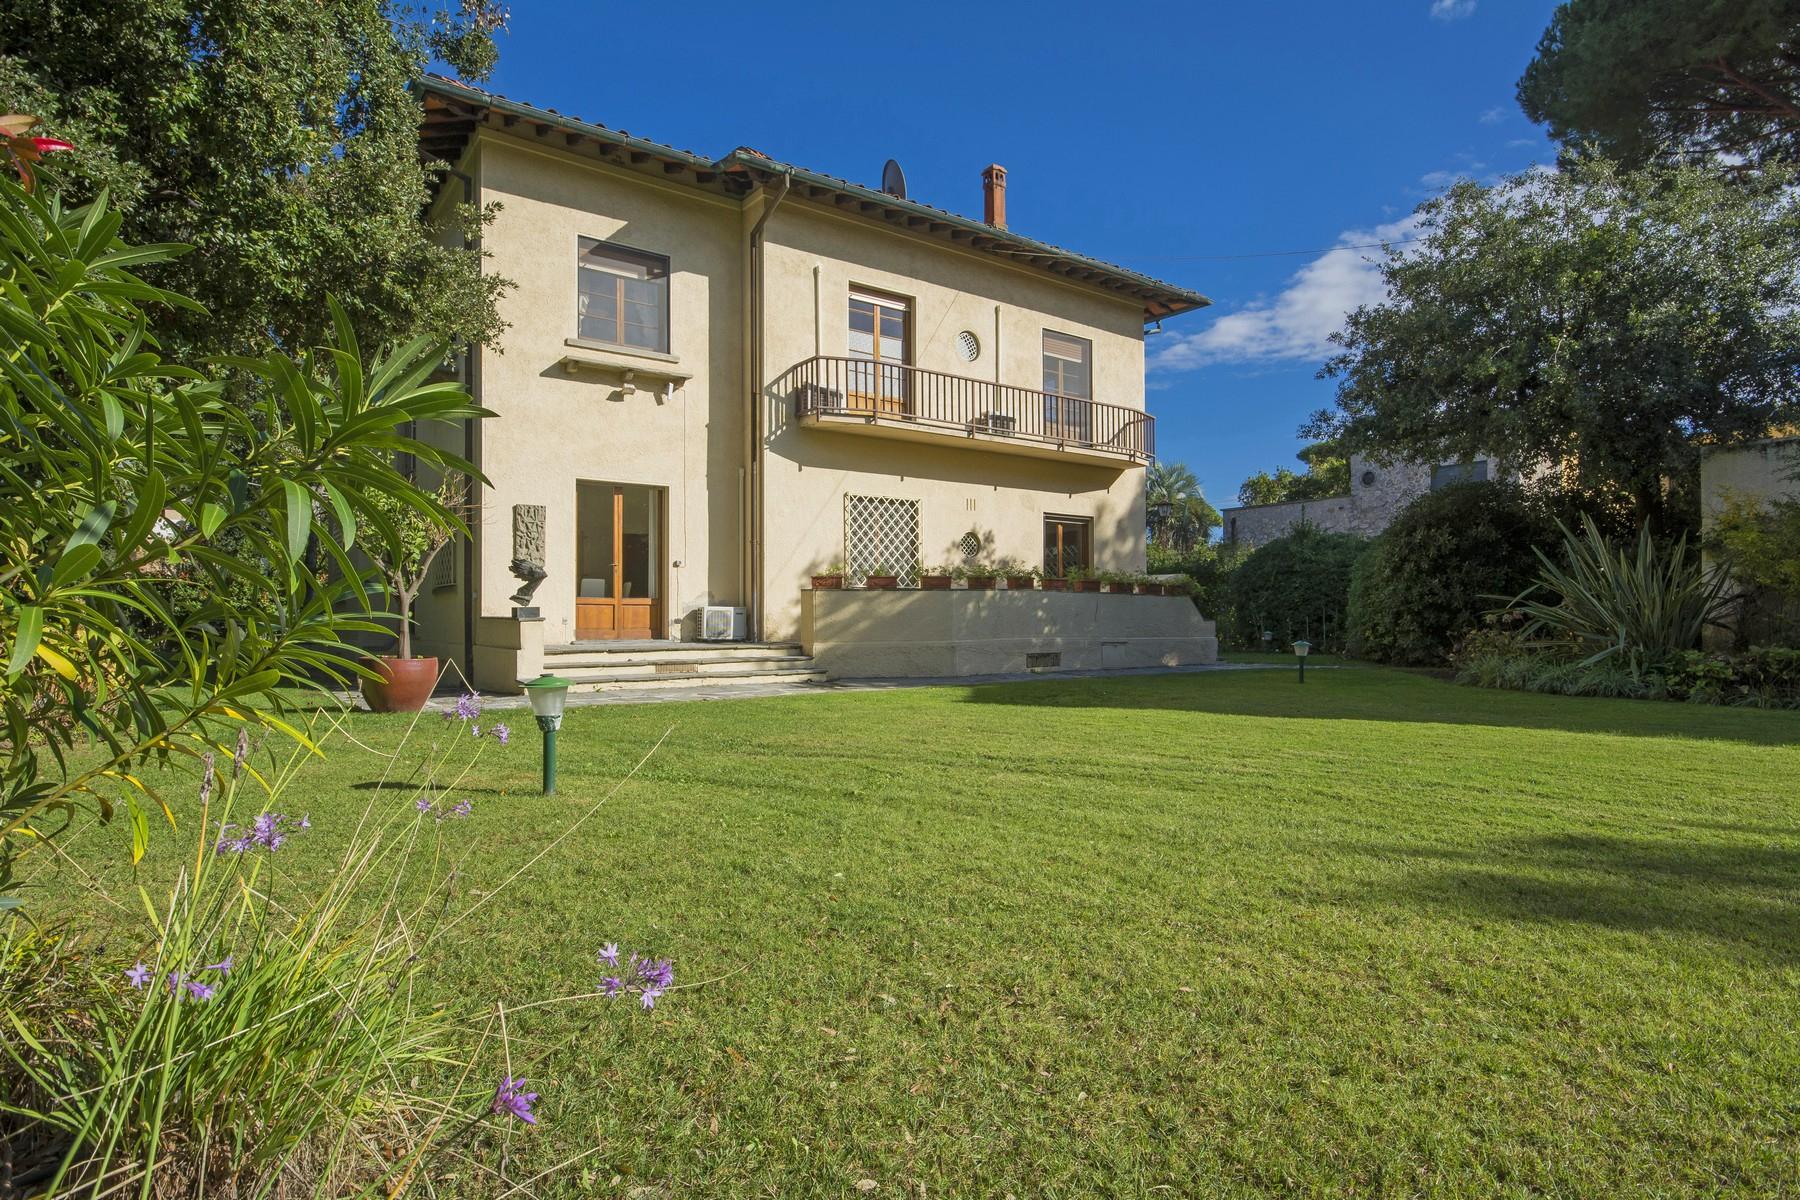 Villa in Vendita a Forte Dei Marmi via xx settembre